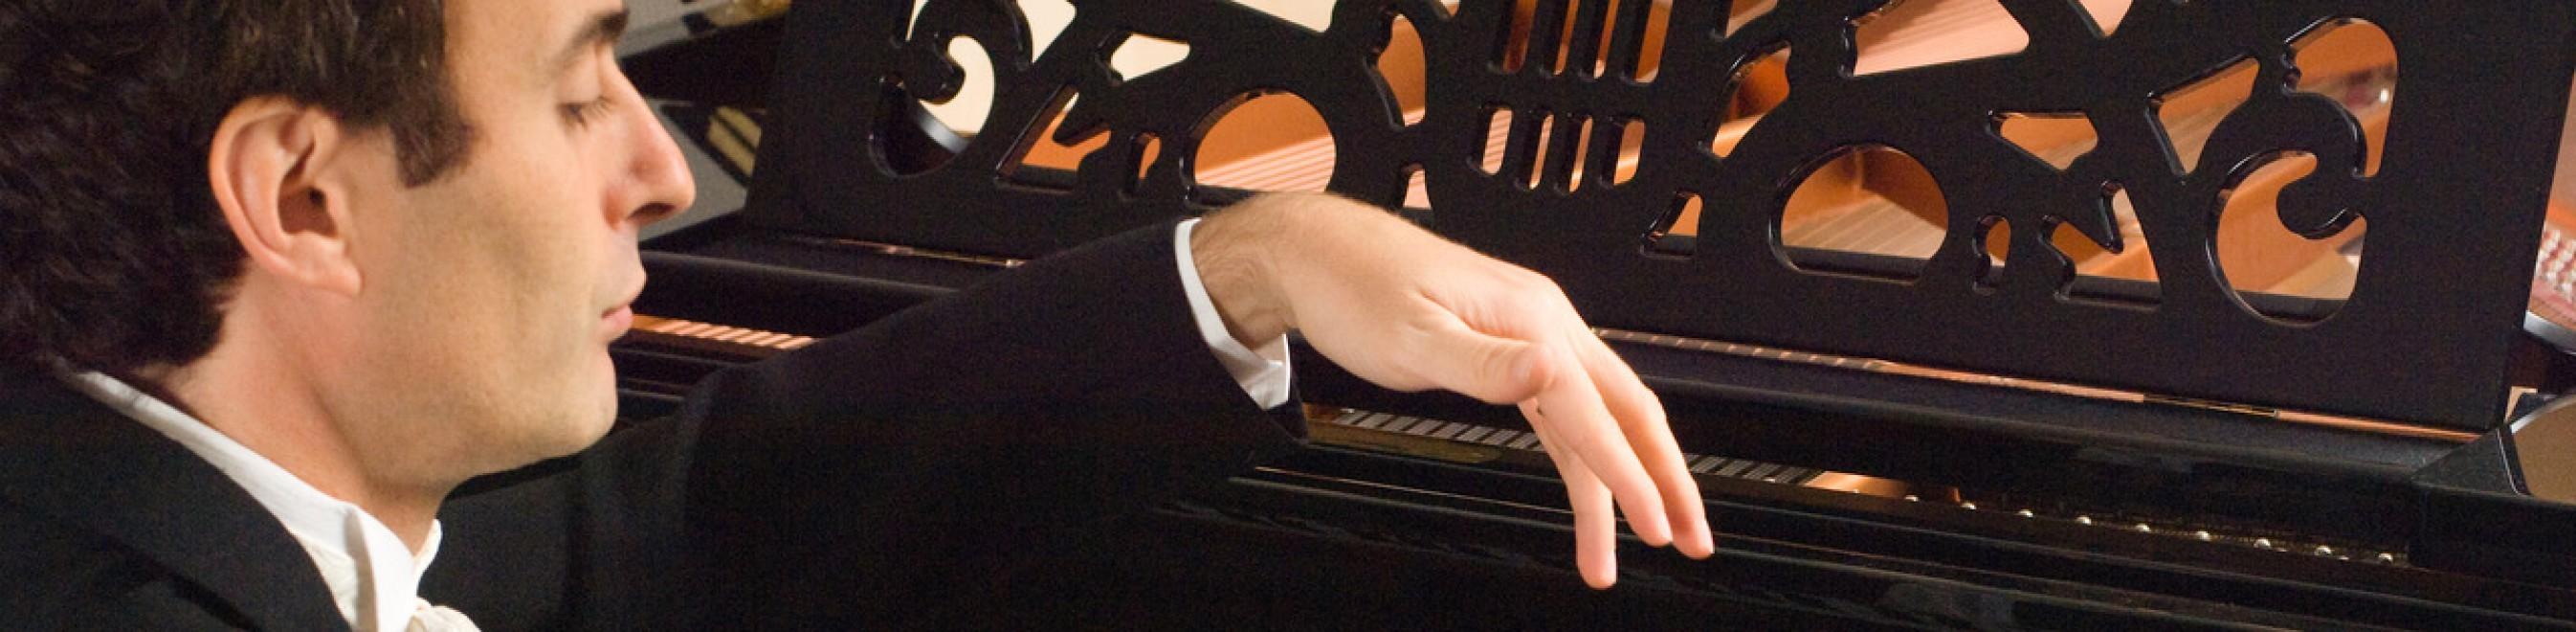 GIANLUCA LUISI pianoforte